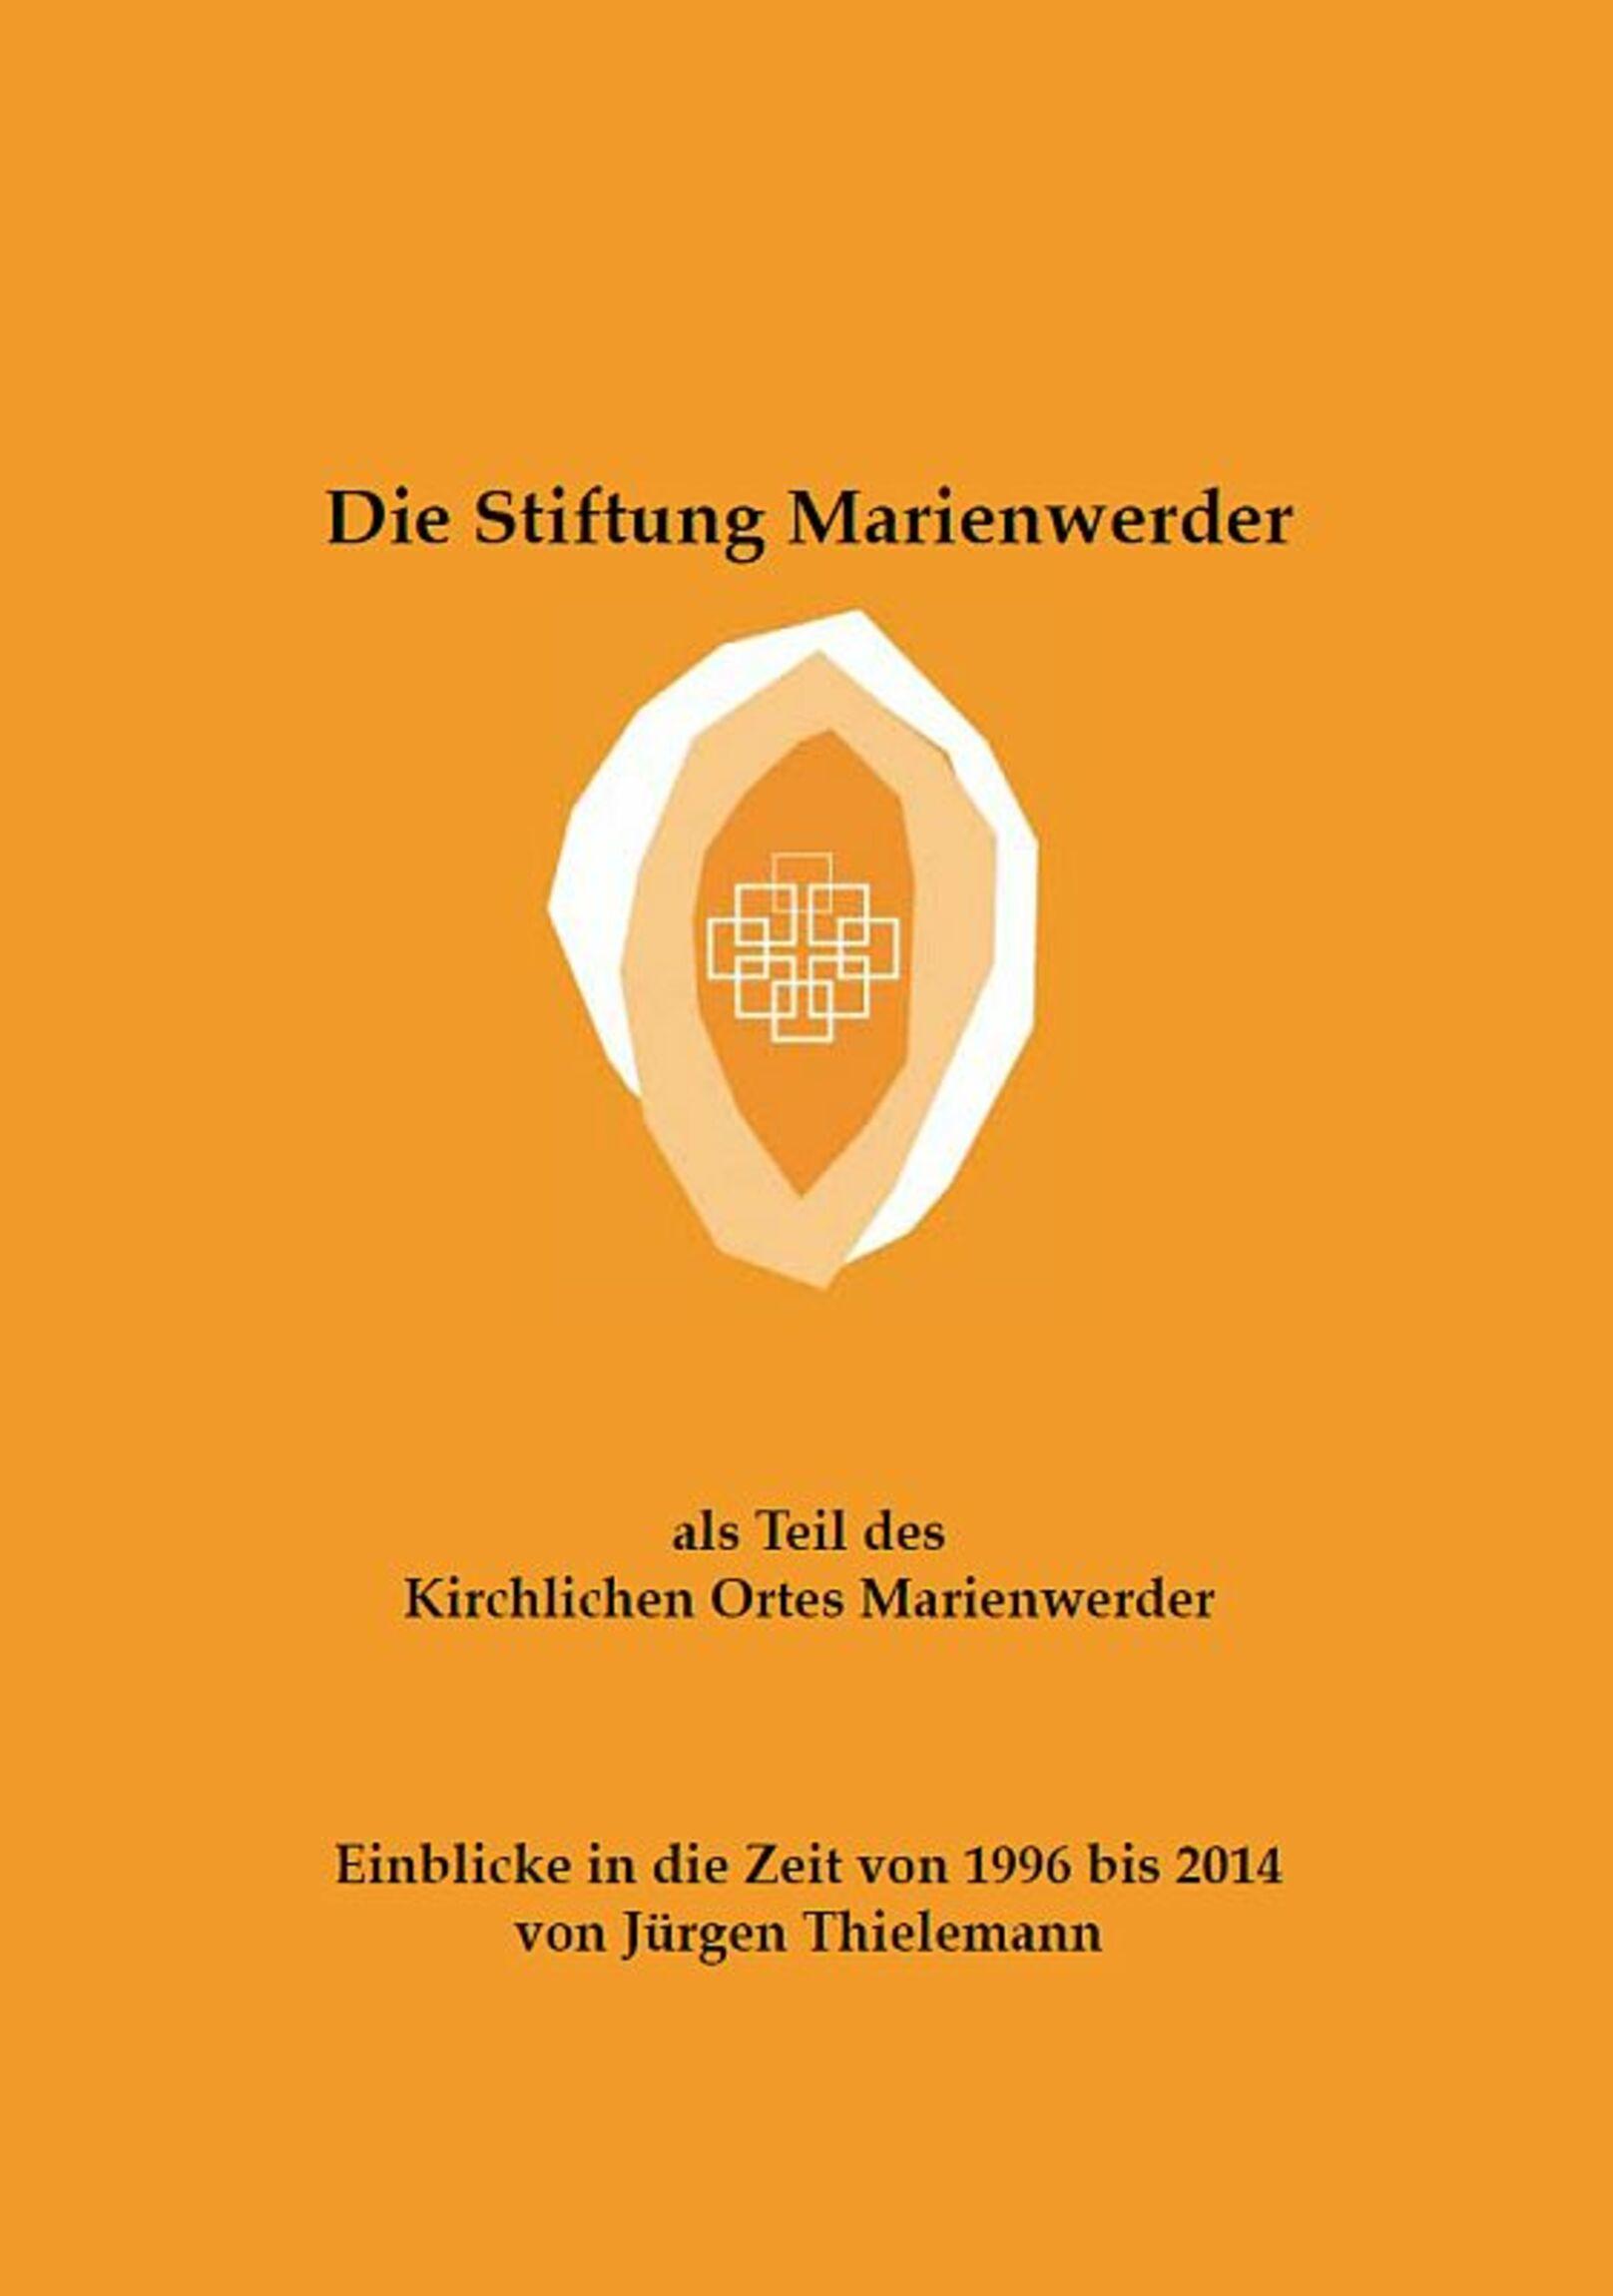 Stiftung Marienwerder